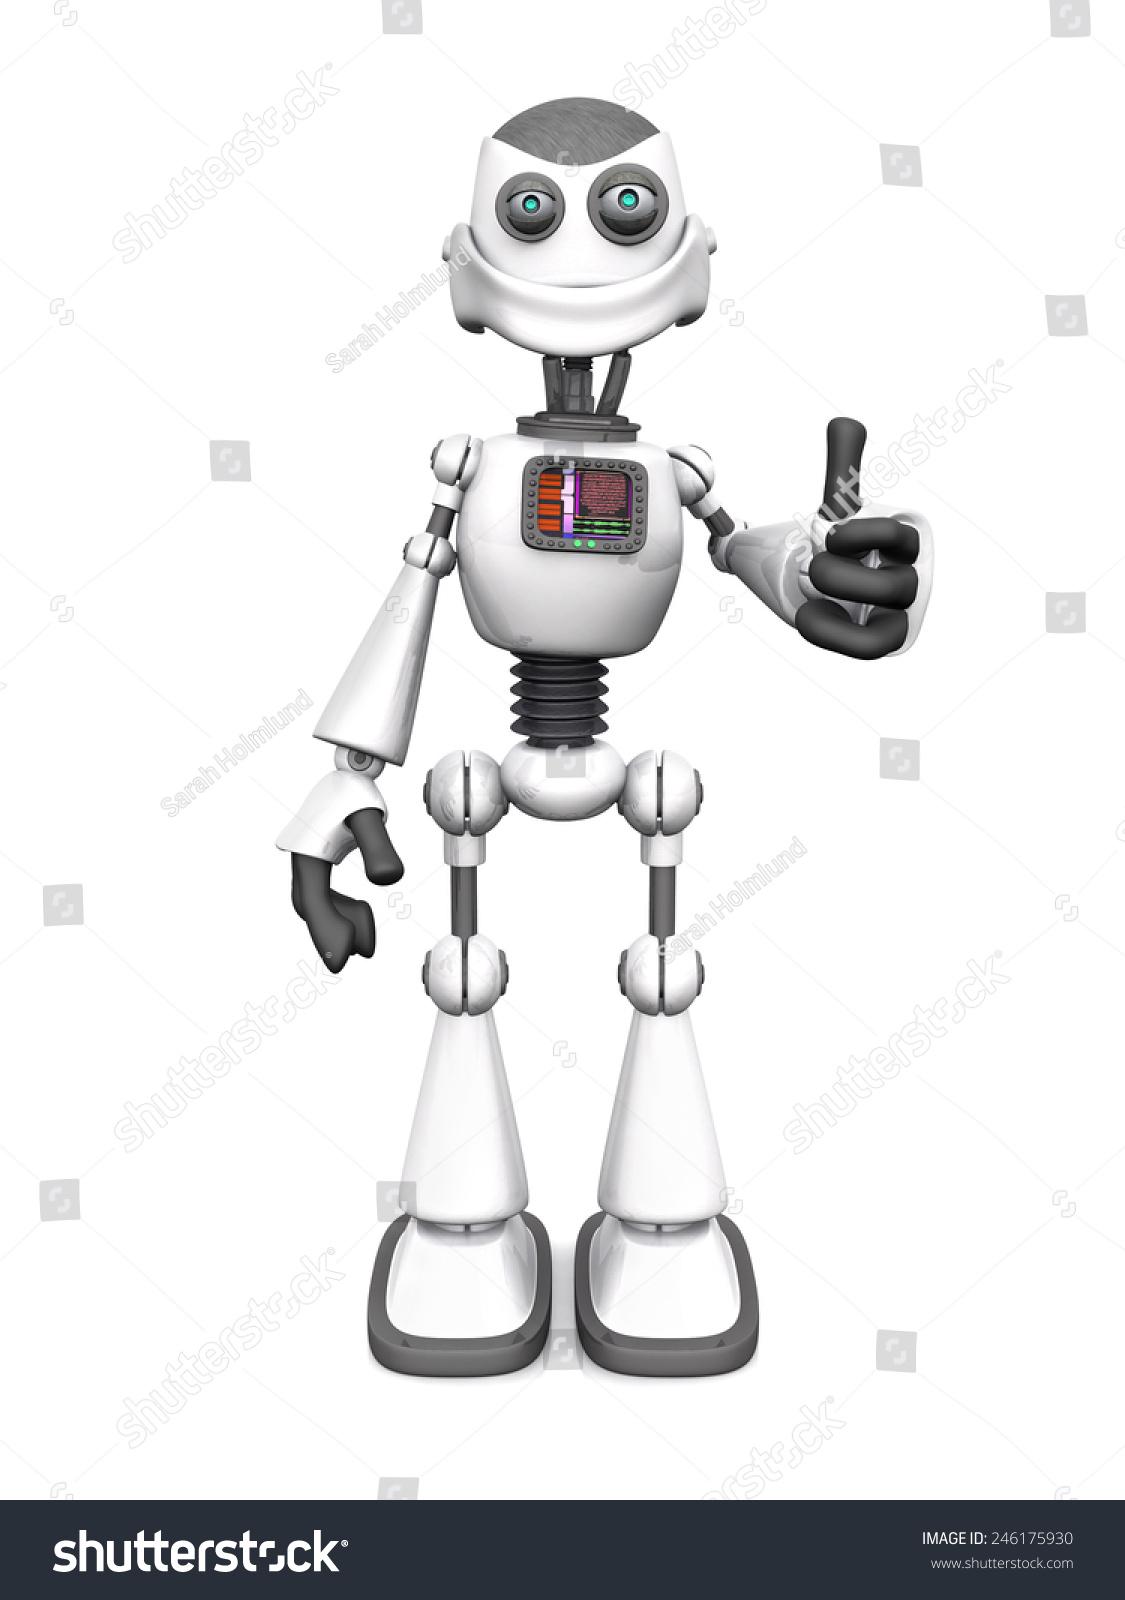 微笑的白色卡通机器人用手做一个大拇指.白色背景.